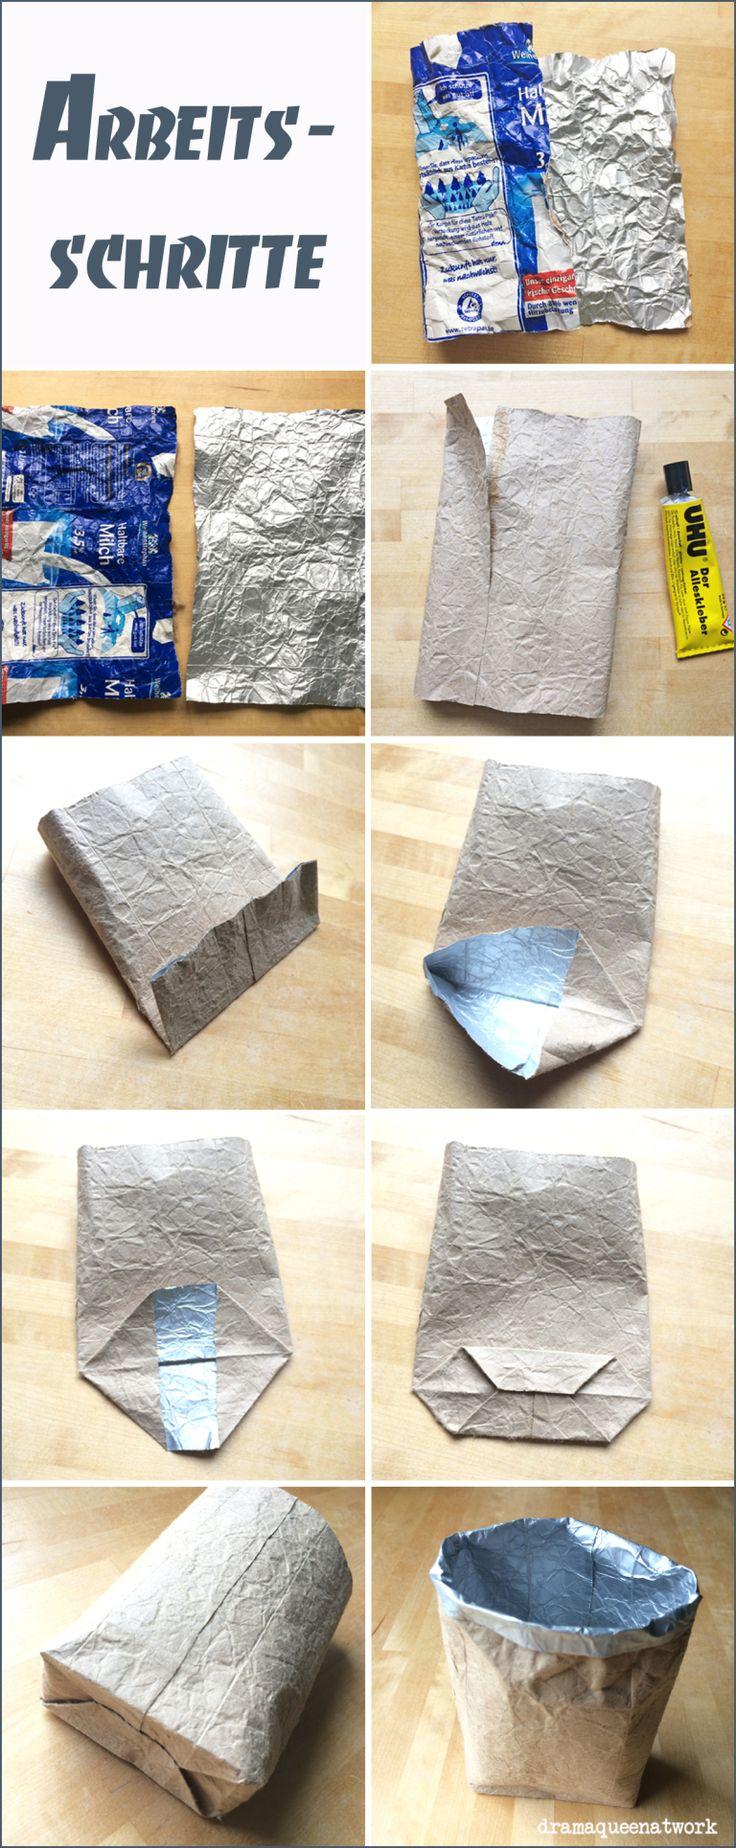 ber ideen zu tetra pak auf pinterest verpackung flasche und milchkartons. Black Bedroom Furniture Sets. Home Design Ideas